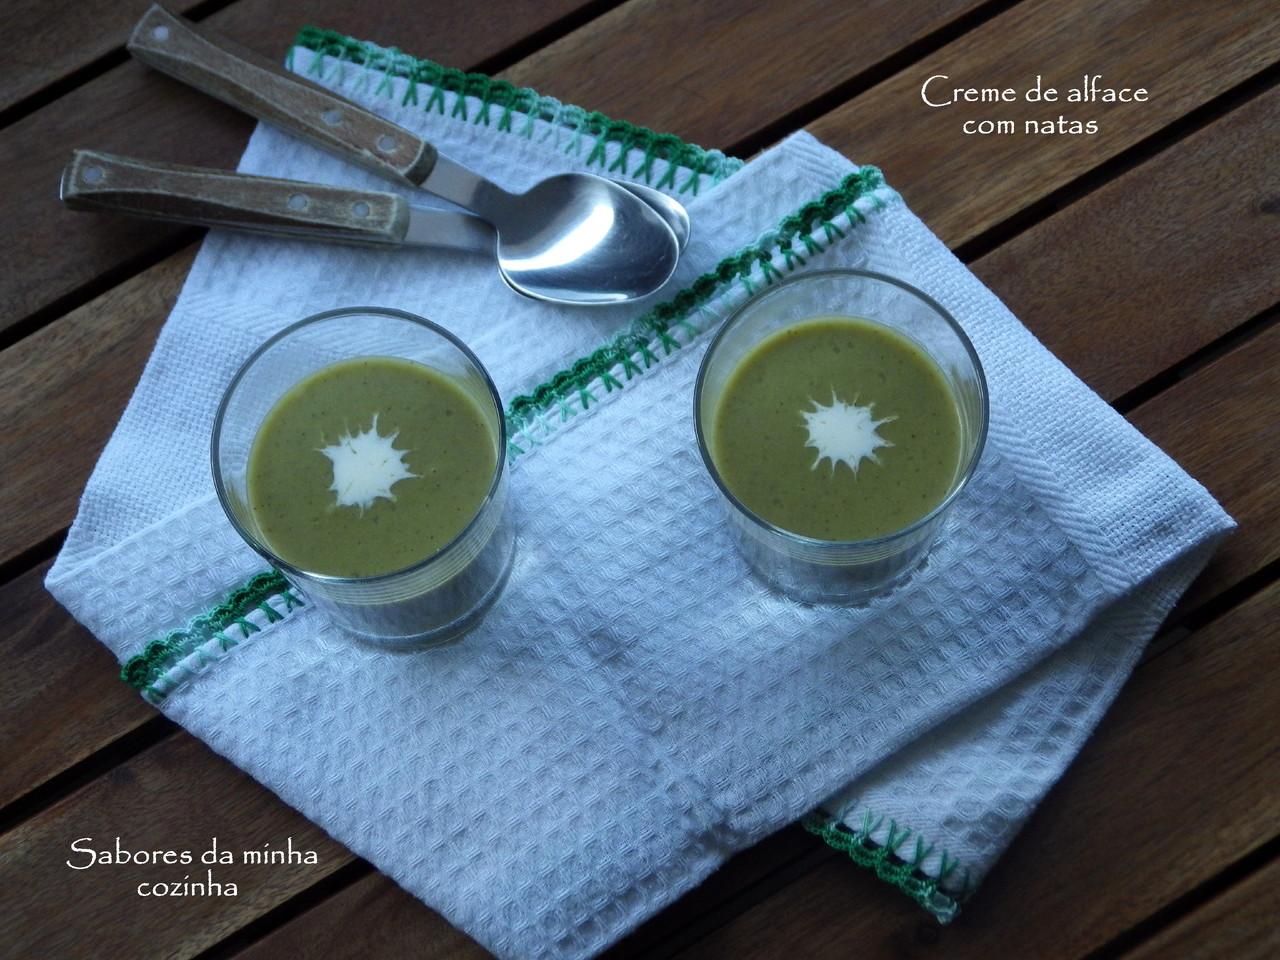 IMGP5615-Creme de alface com natas-Blog.JPG